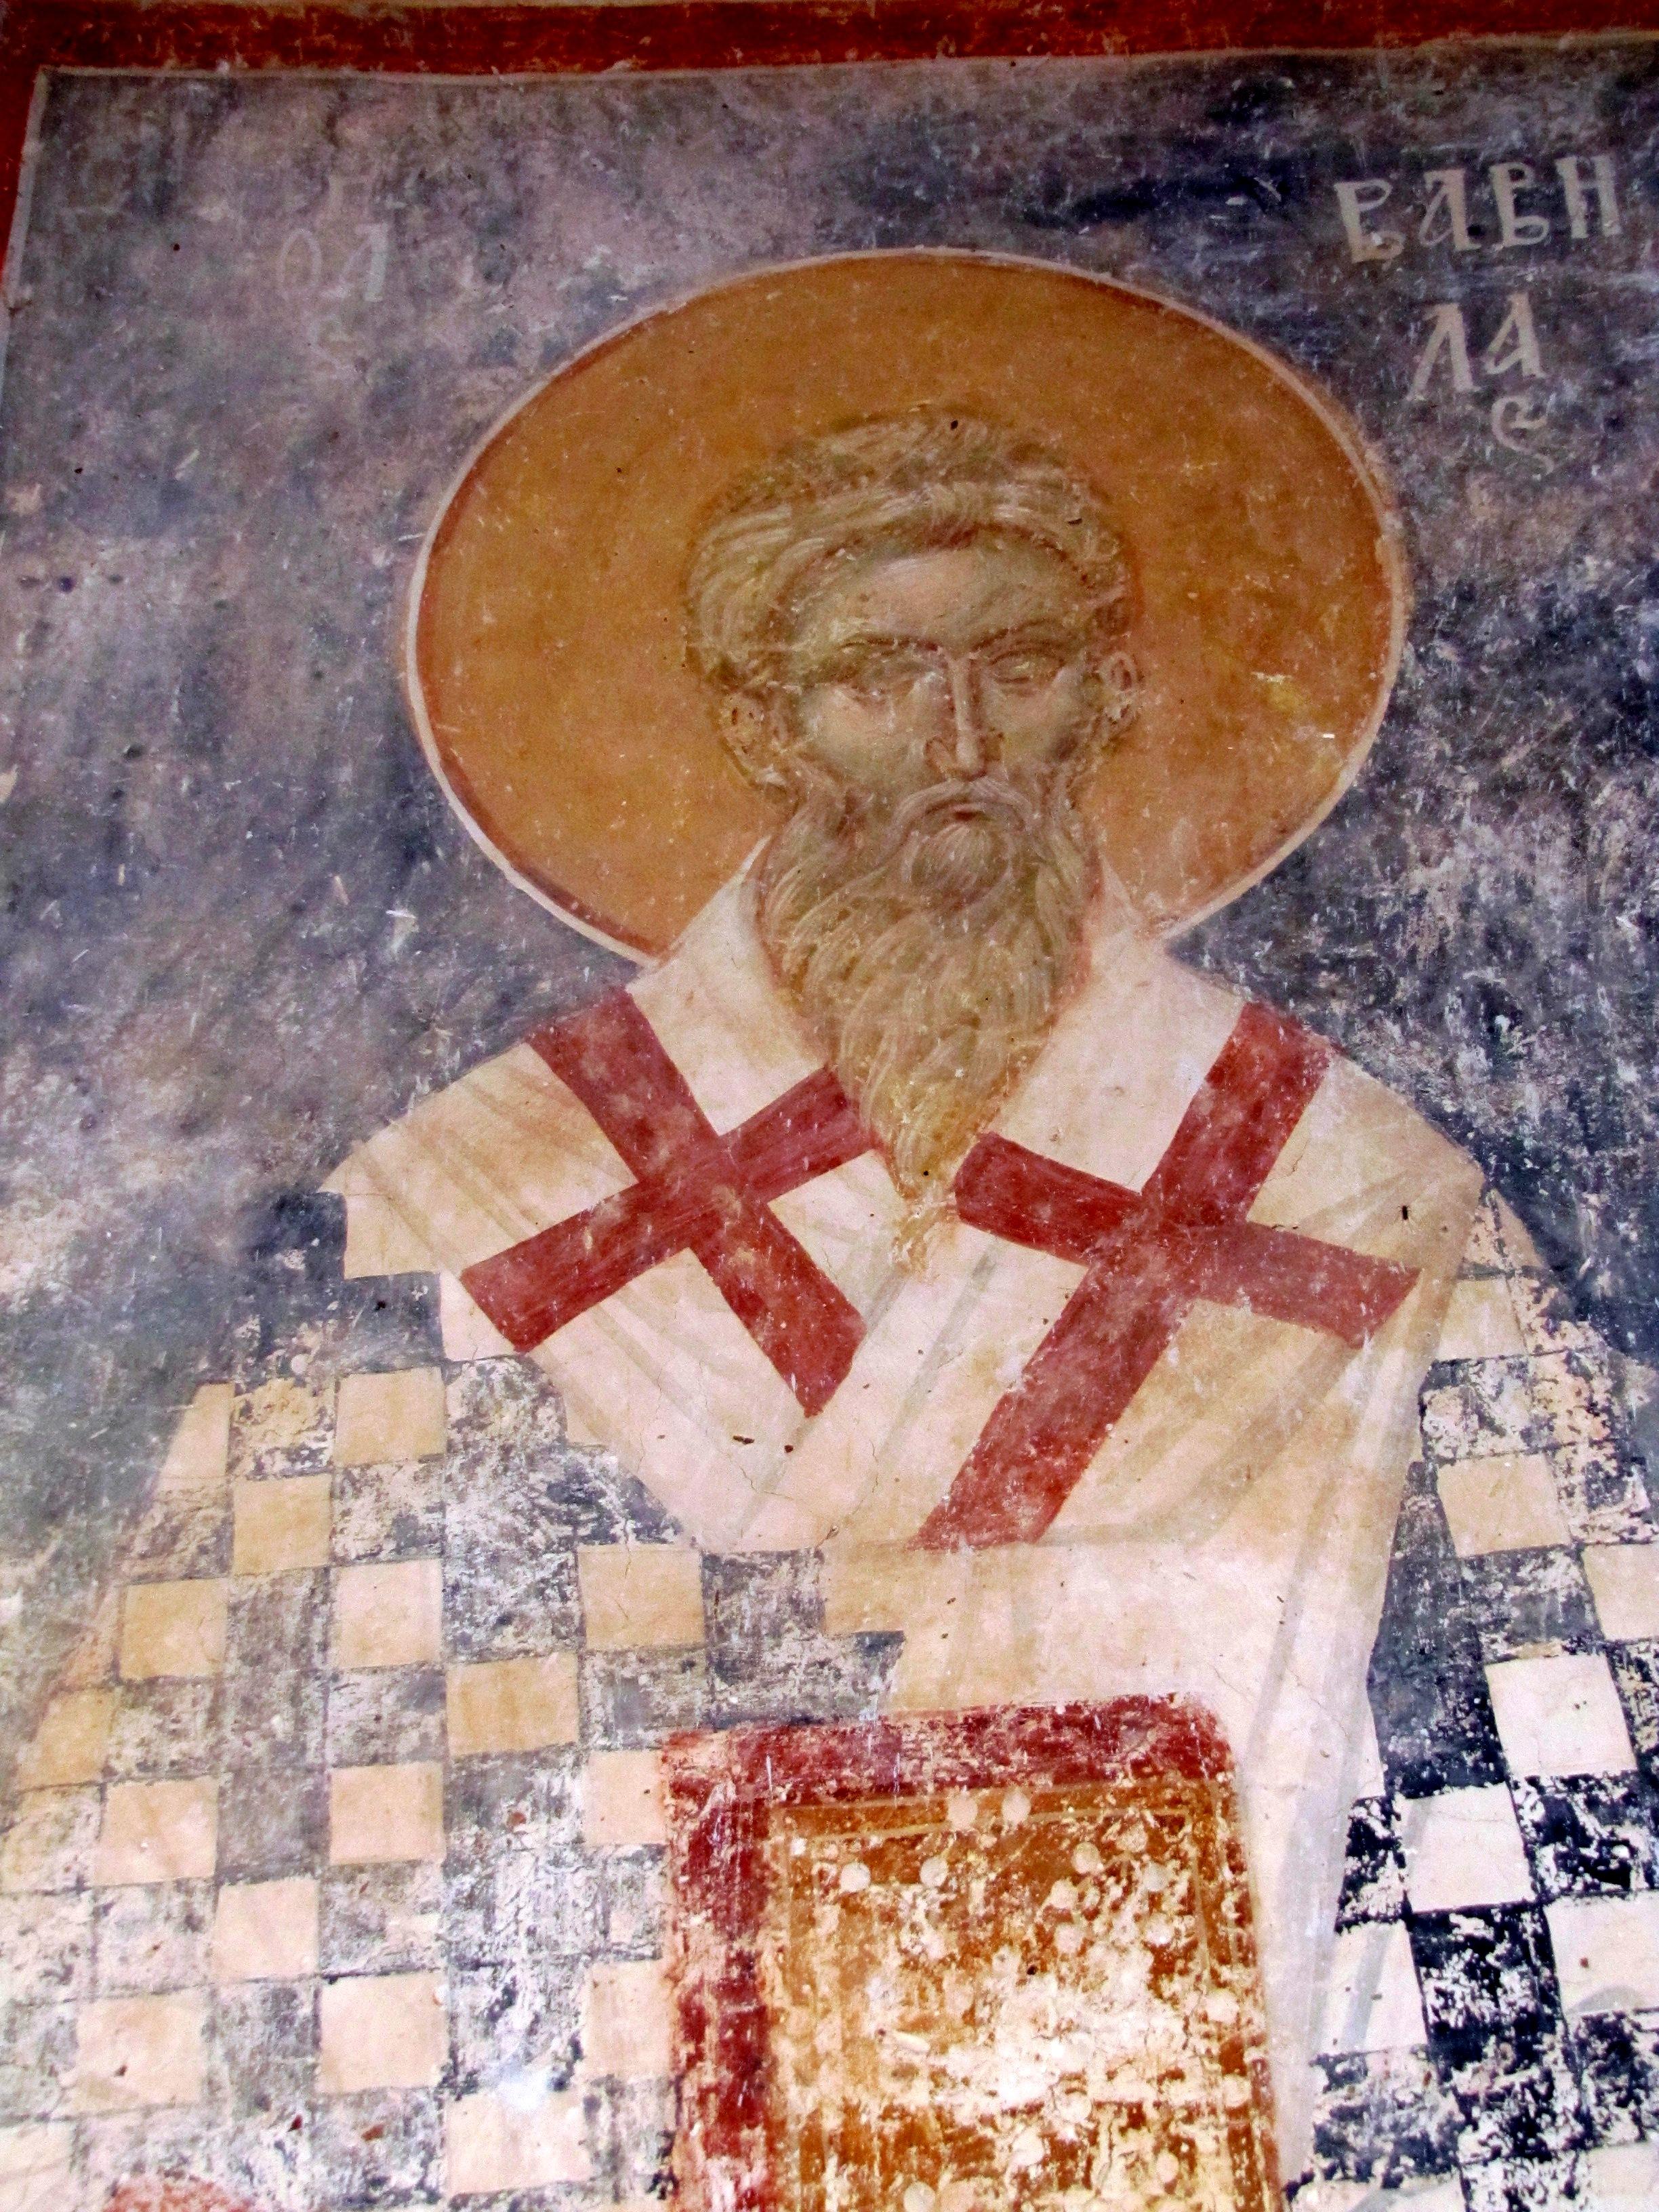 Священномученик Вавила, Епископ Великой Антиохии. Фреска церкви Богоматери в Матейче, Македония. 1356 - 1360 годы.